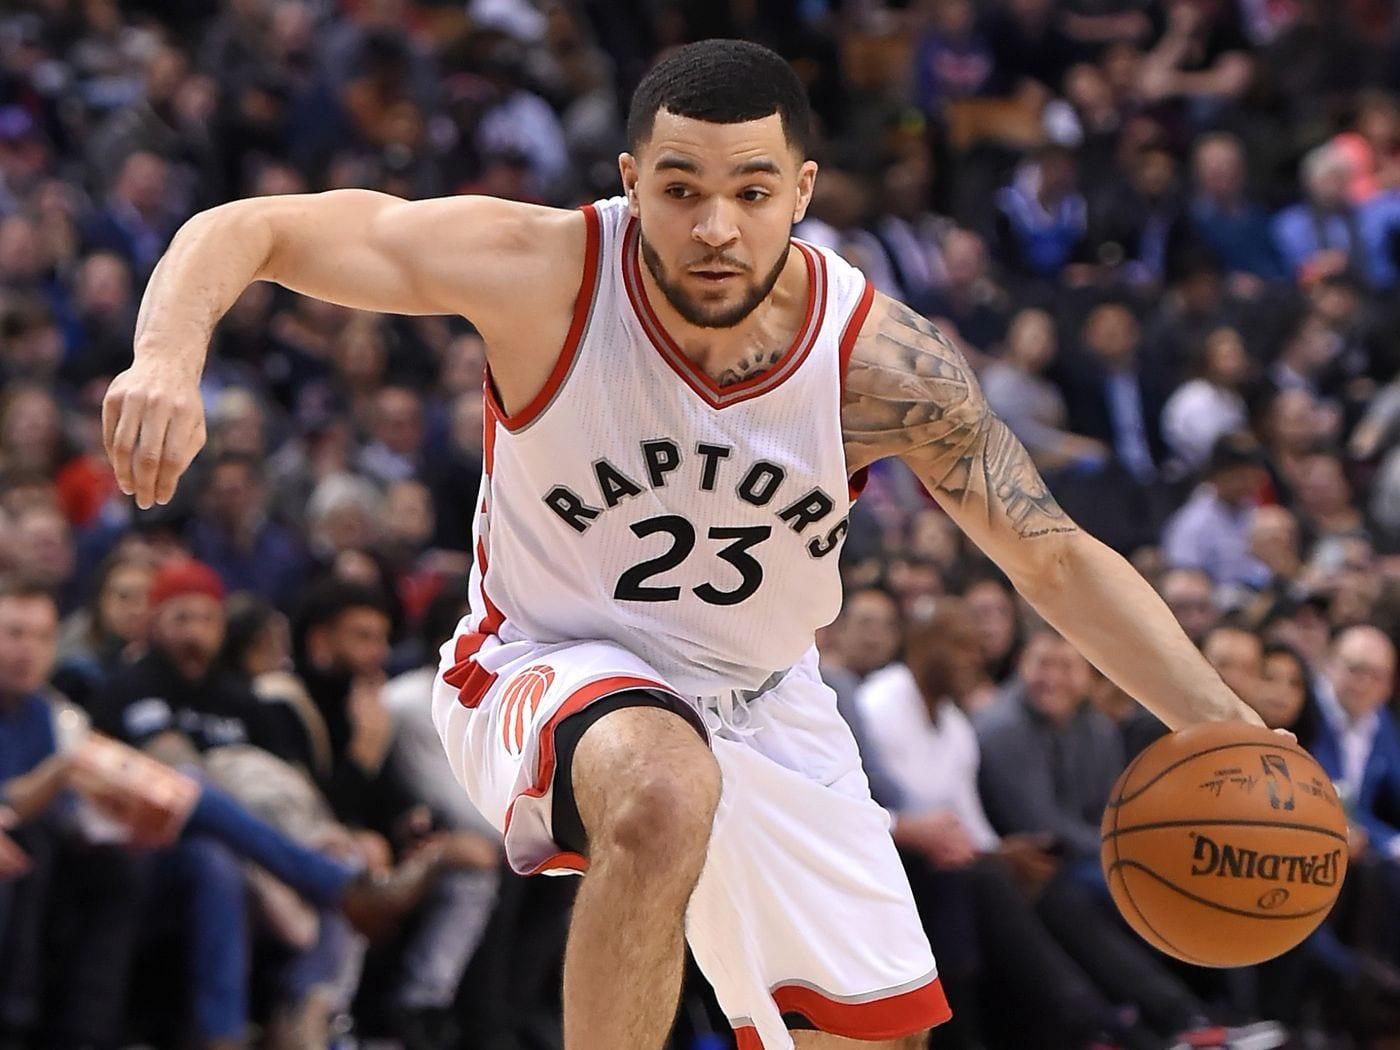 Toronto's Fred VanVleet Warns Not To Underestimate the Raptors